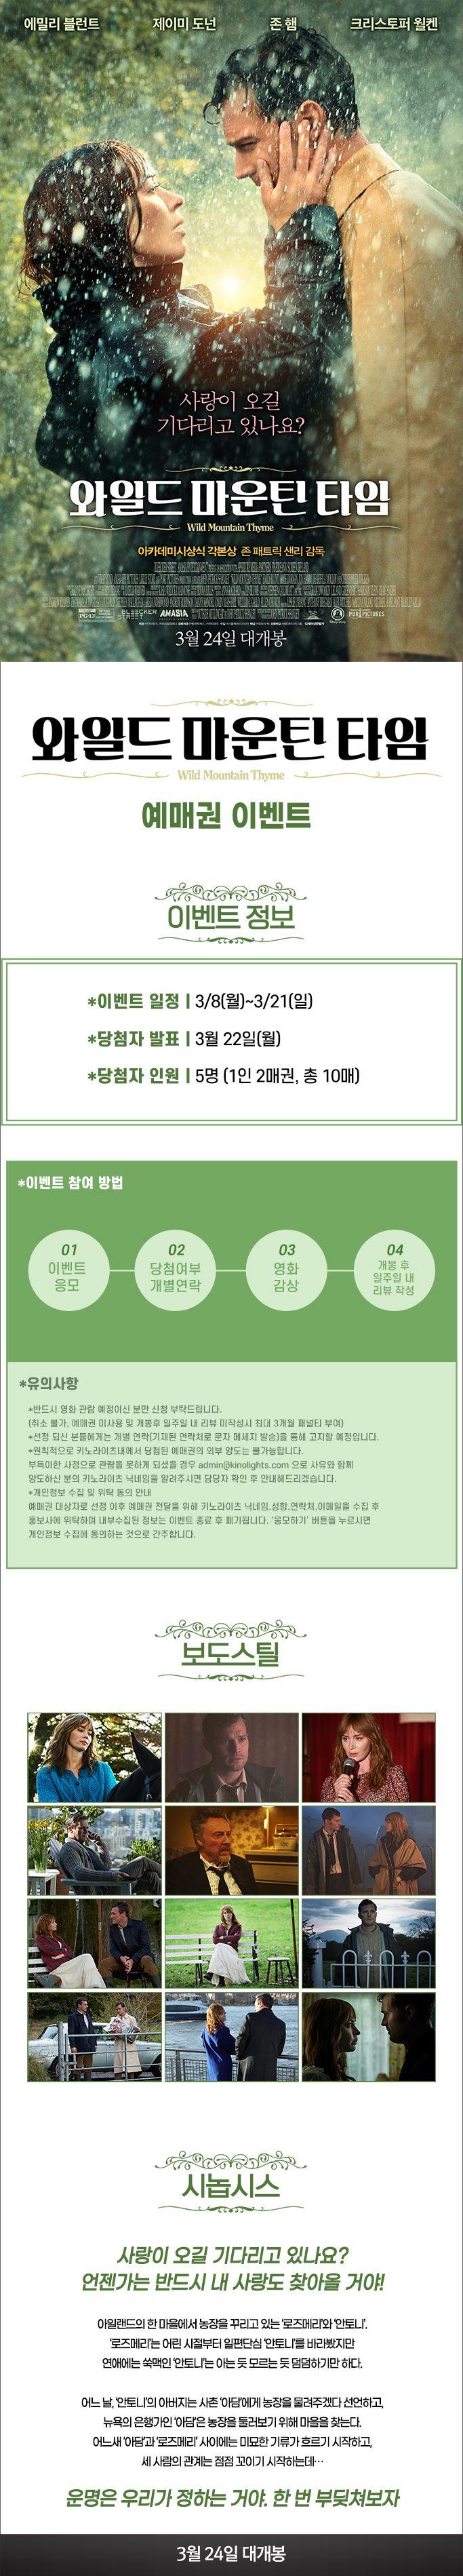 <와일드 마운틴 타임> 예매권 안내